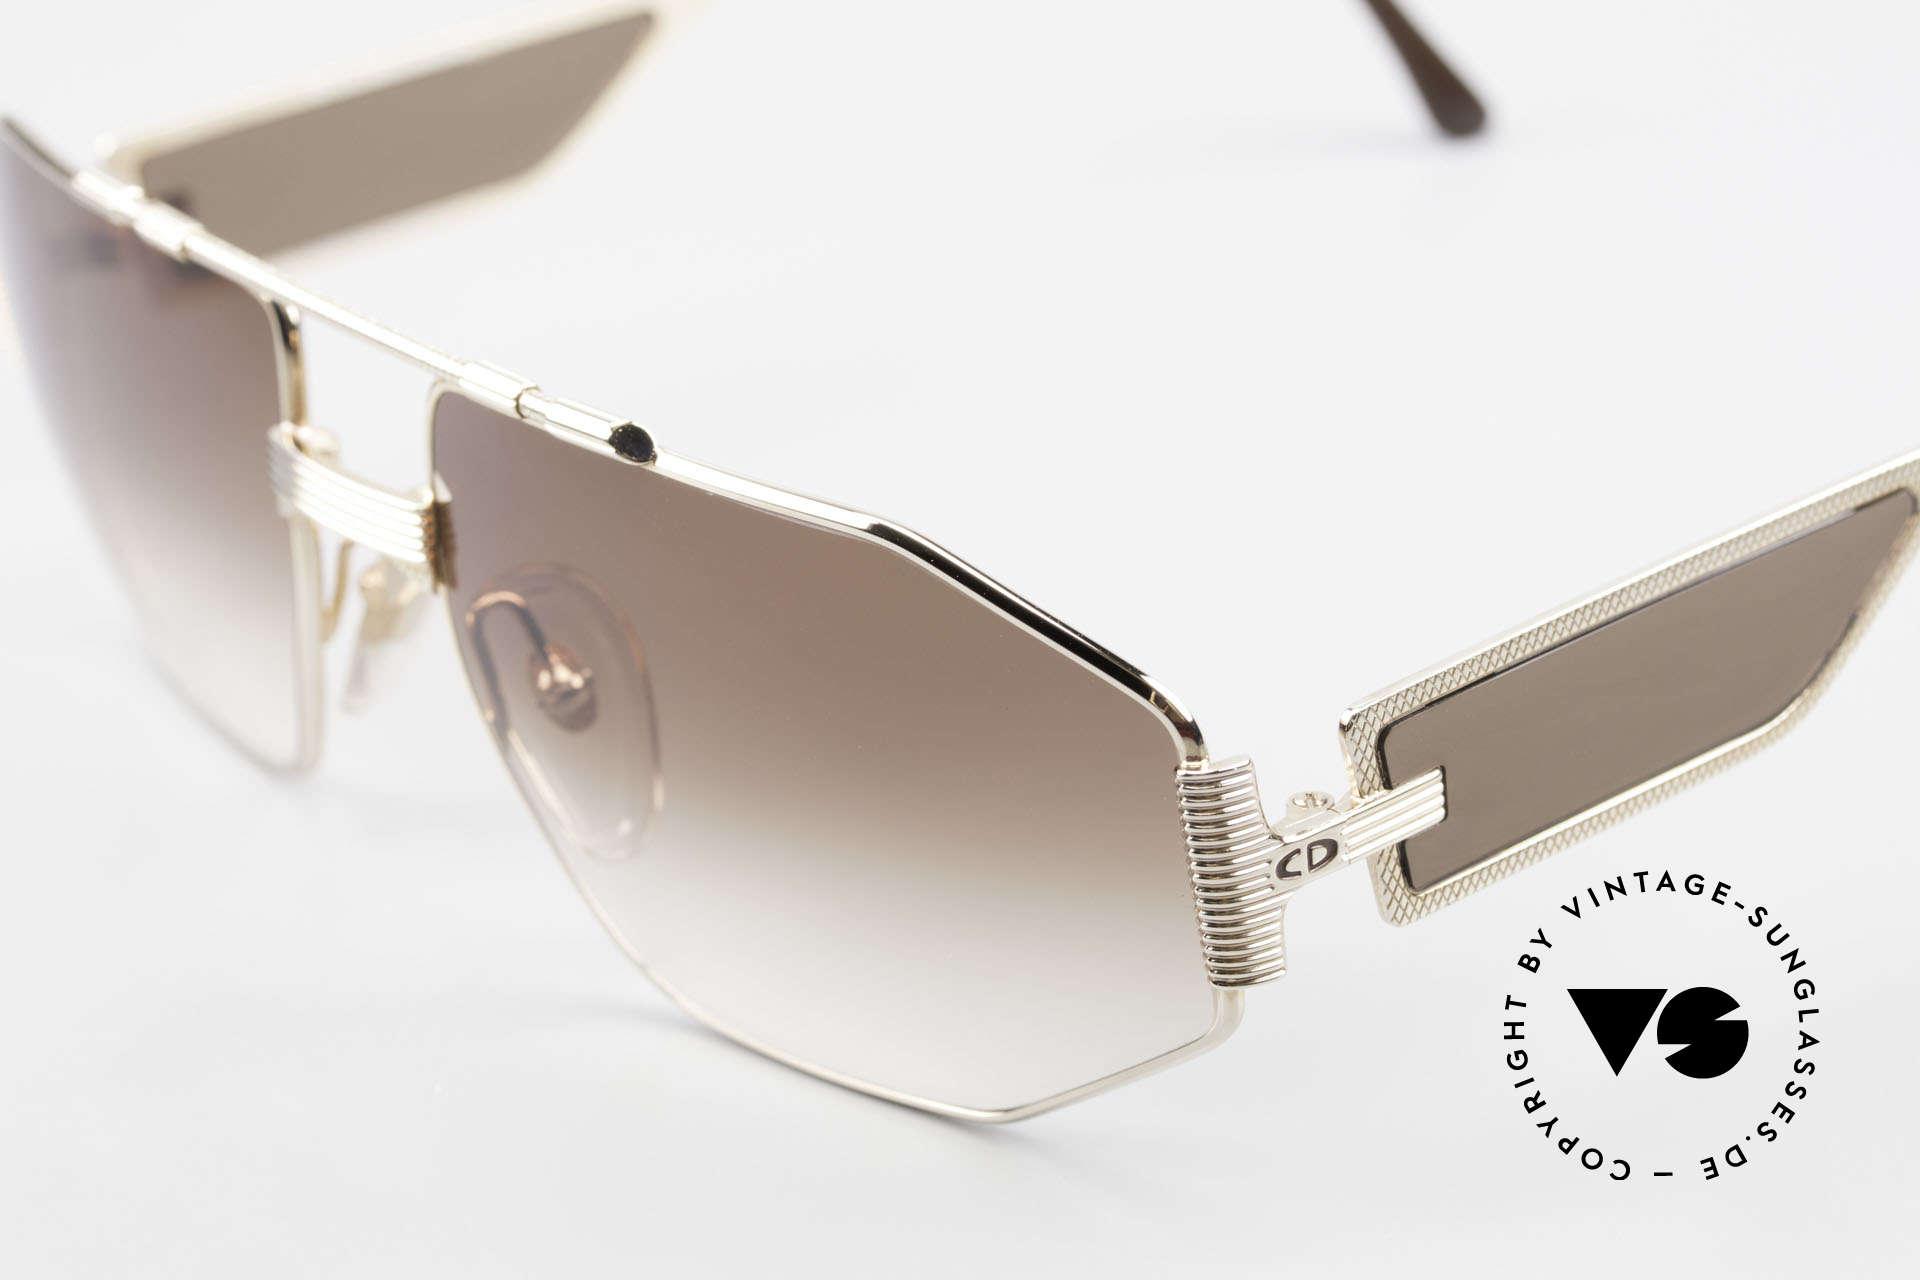 Christian Dior 2427 80er Monsieur Sonnenbrille, unbenutzt (wie alle unsere vintage Dior Modelle), Passend für Herren